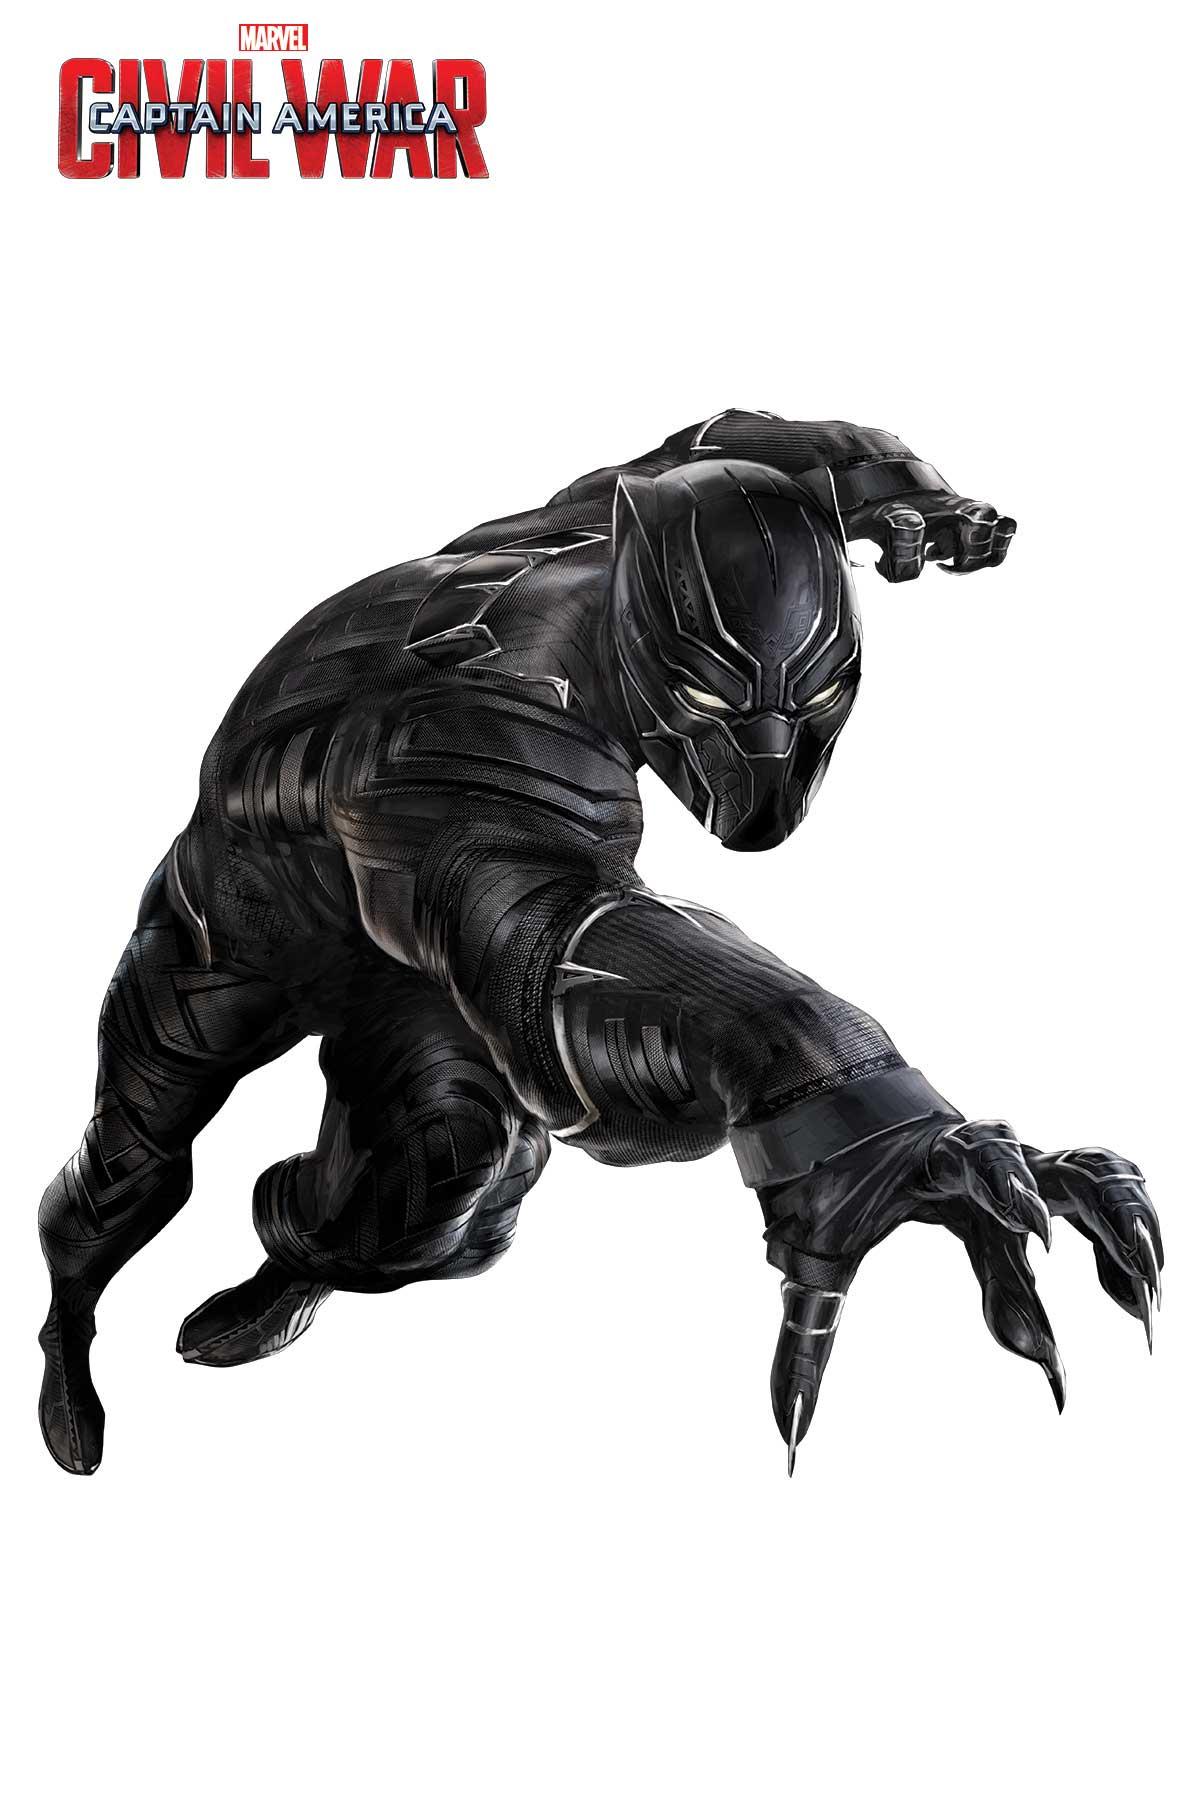 Captain America: Civil War - Un'immagine promozionale di Black Panther